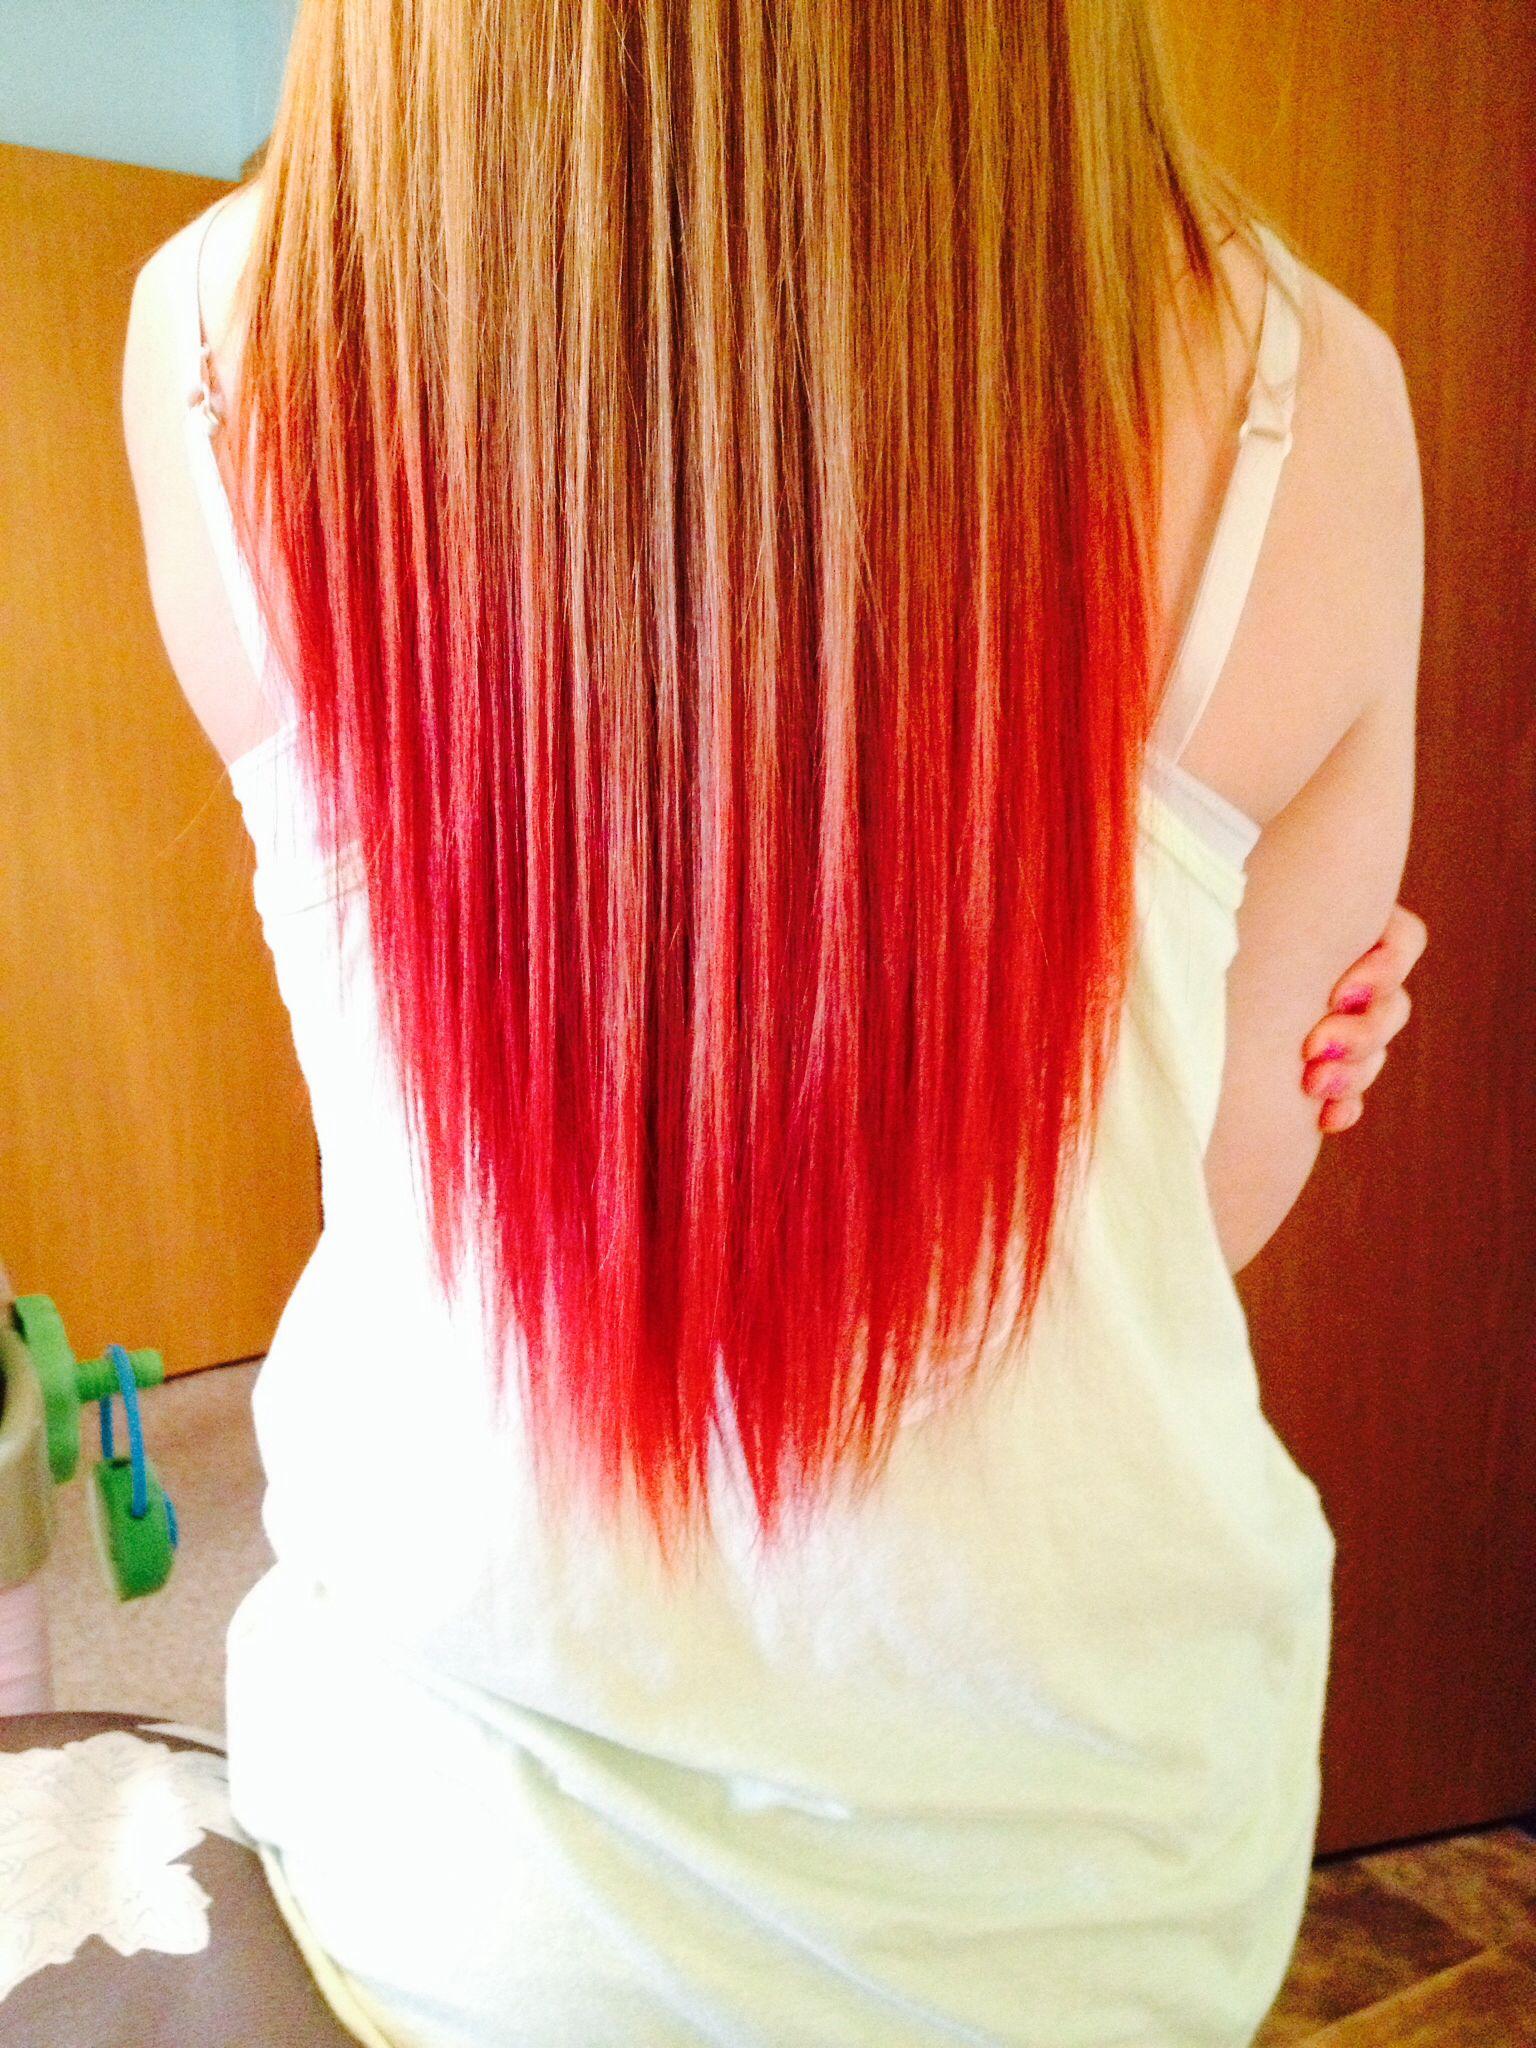 Pin By Heather Stewart On Everything Dip Dye Hair Blonde Dip Dye Dipped Hair